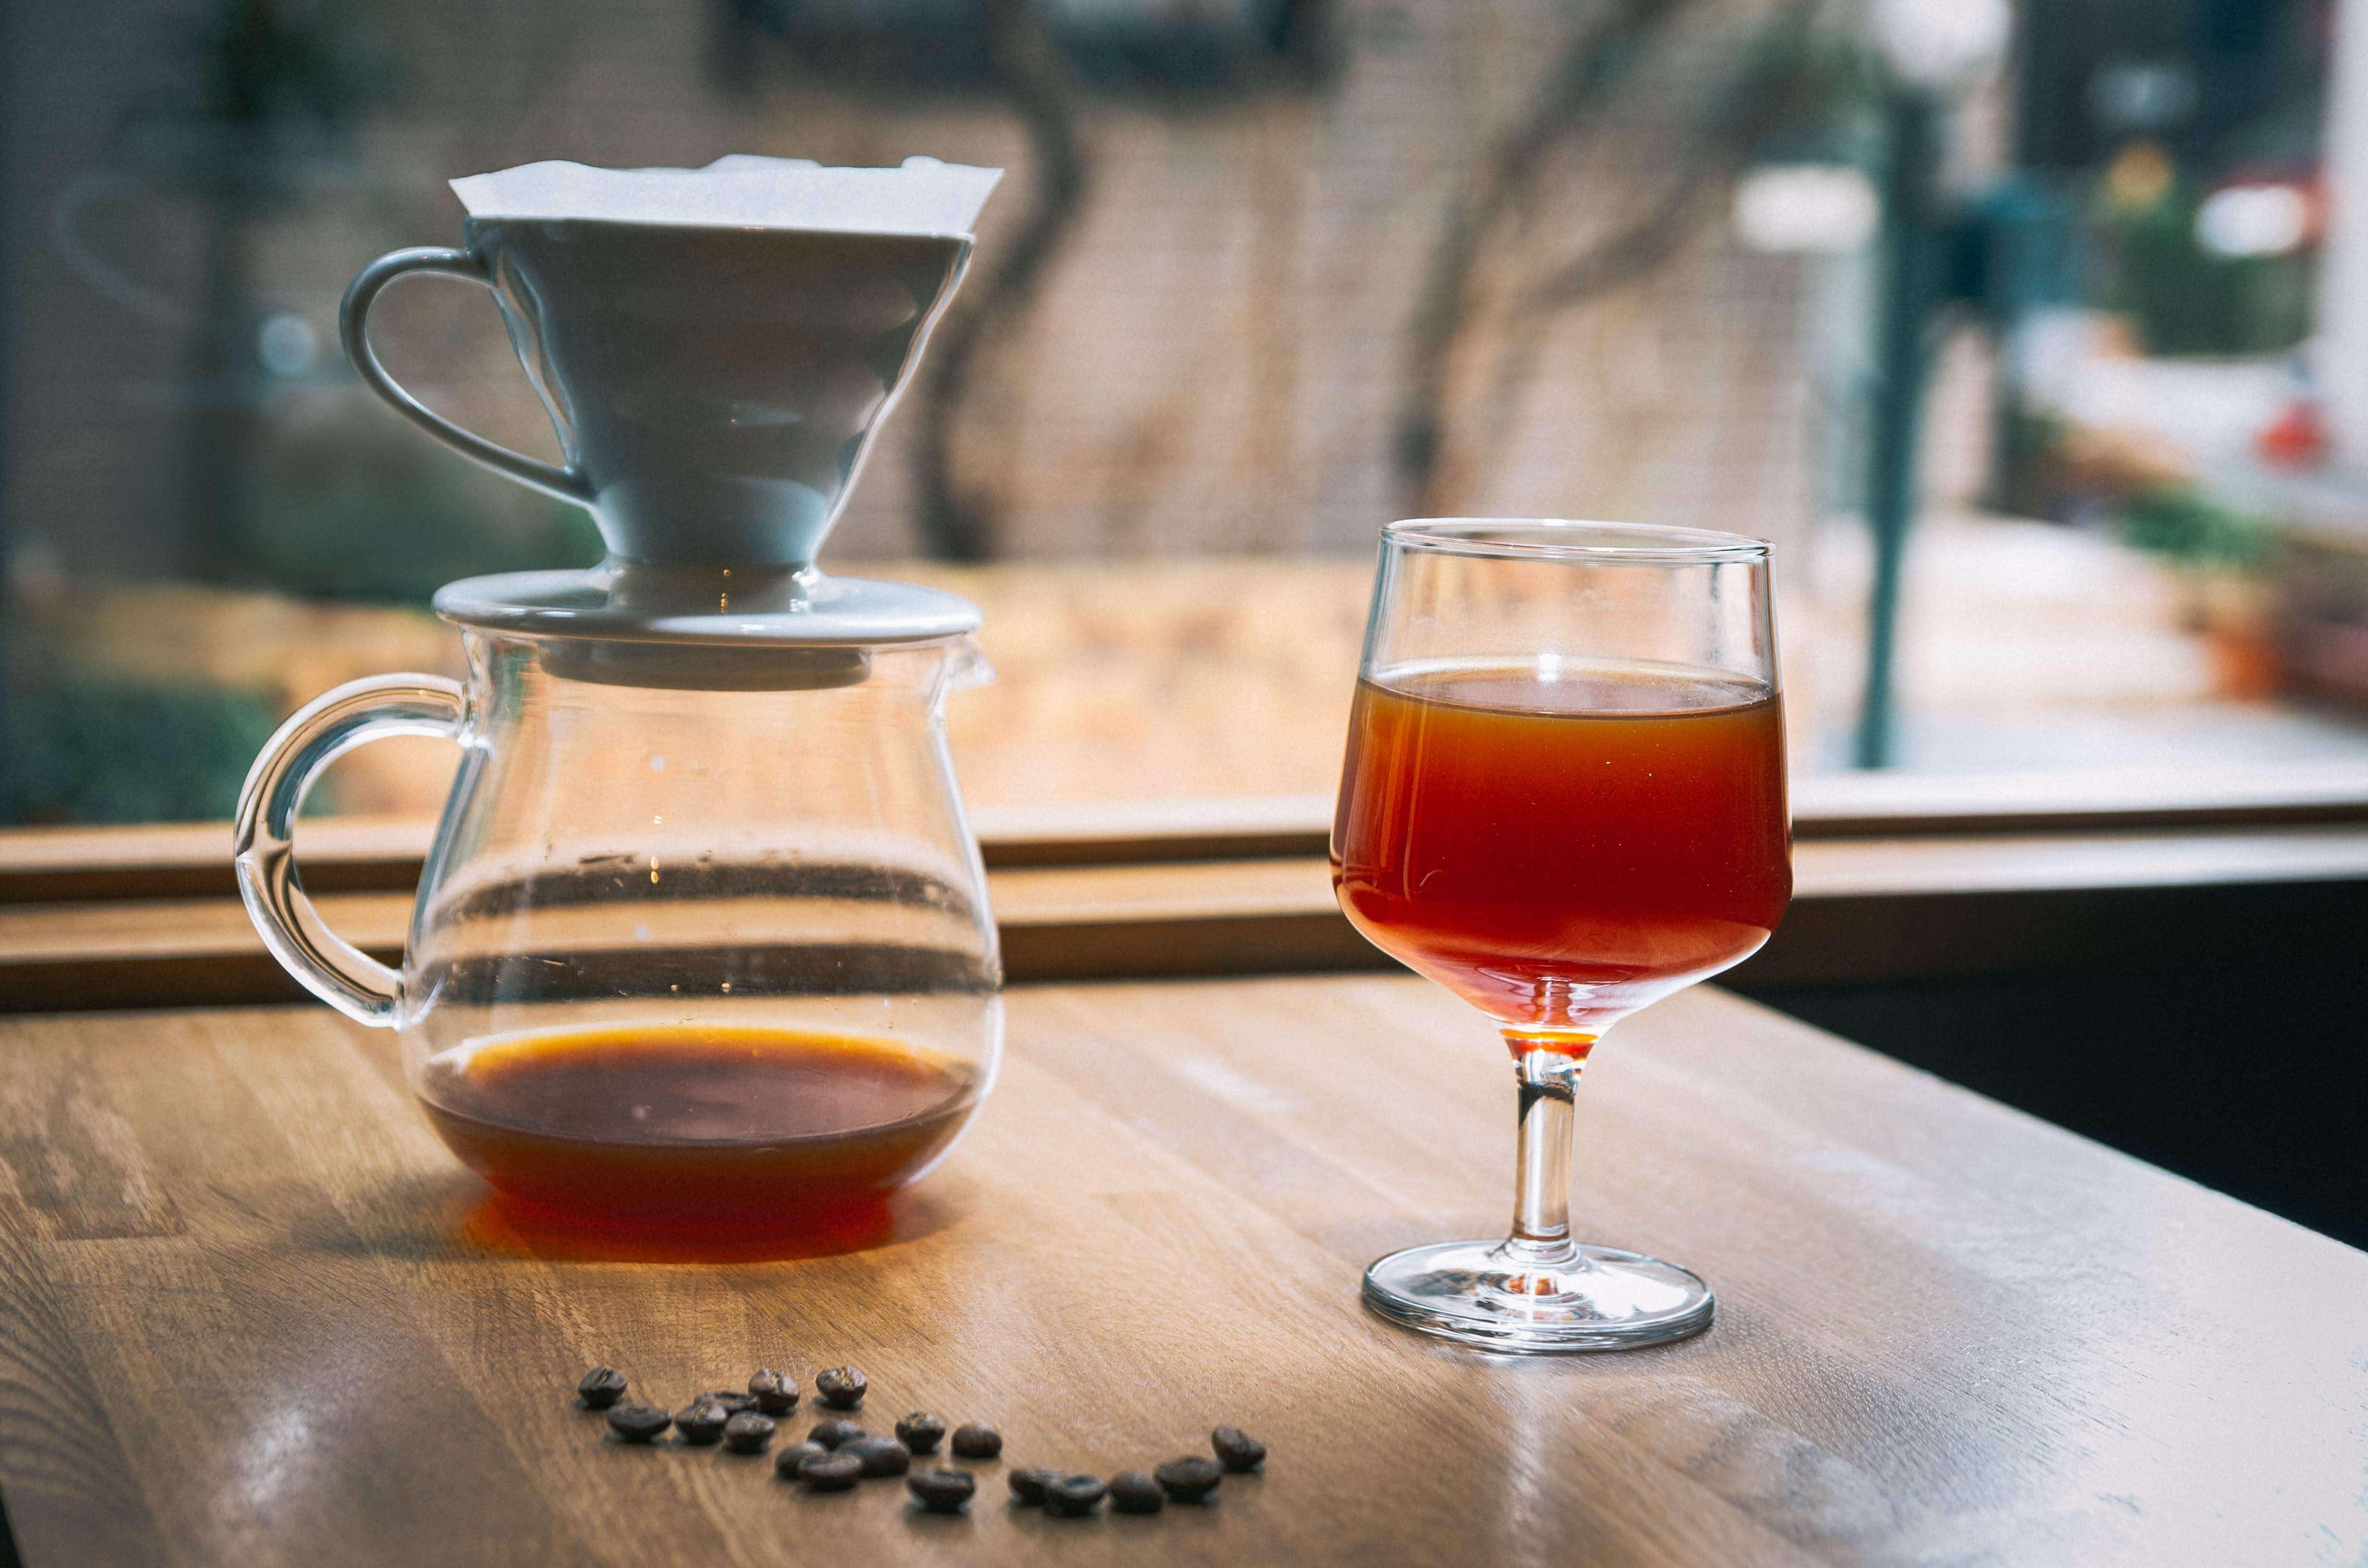 alt-coffee-roasters_handdripcoffee_%e3%83%8f%e3%83%b3%e3%83%89%e3%83%89%e3%83%aa%e3%83%83%e3%83%97%e3%82%b3%e3%83%bc%e3%83%92%e3%83%bc%e2%91%a1-2